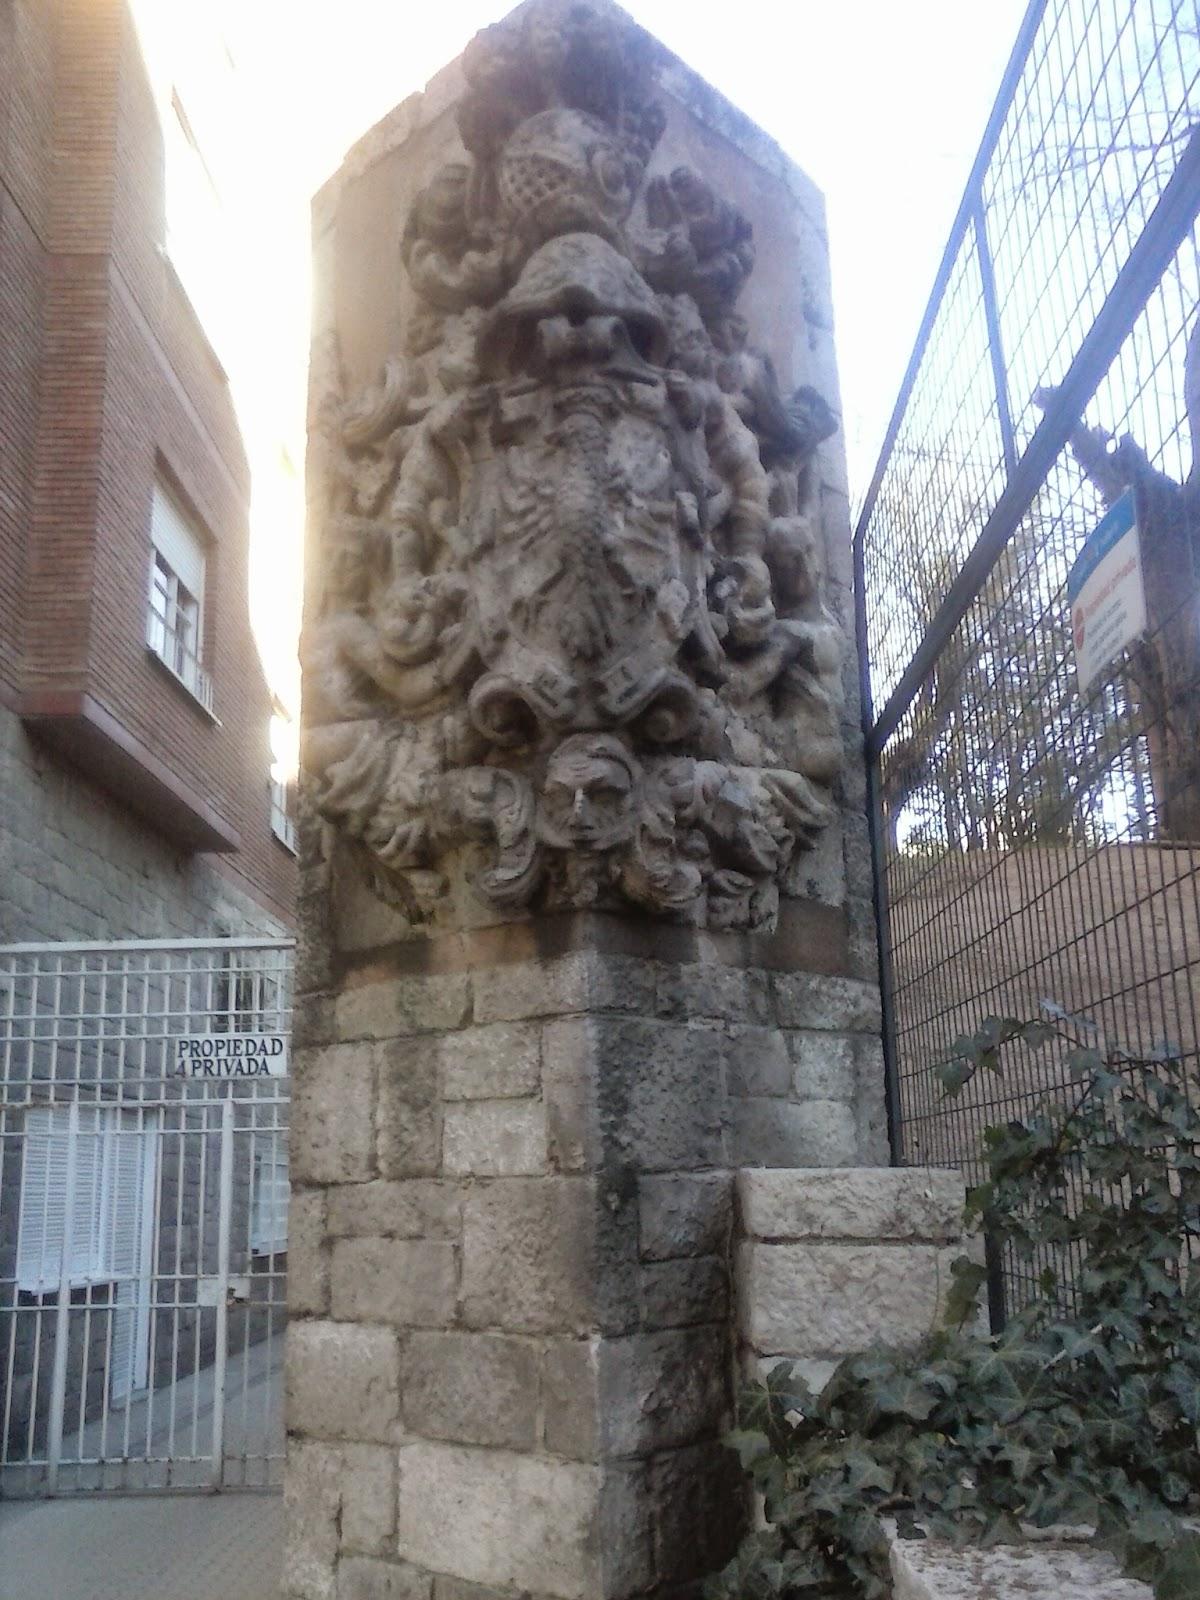 Un Escudo De Origen Desconocido En Cea Bermudez Manuelblas Madrid